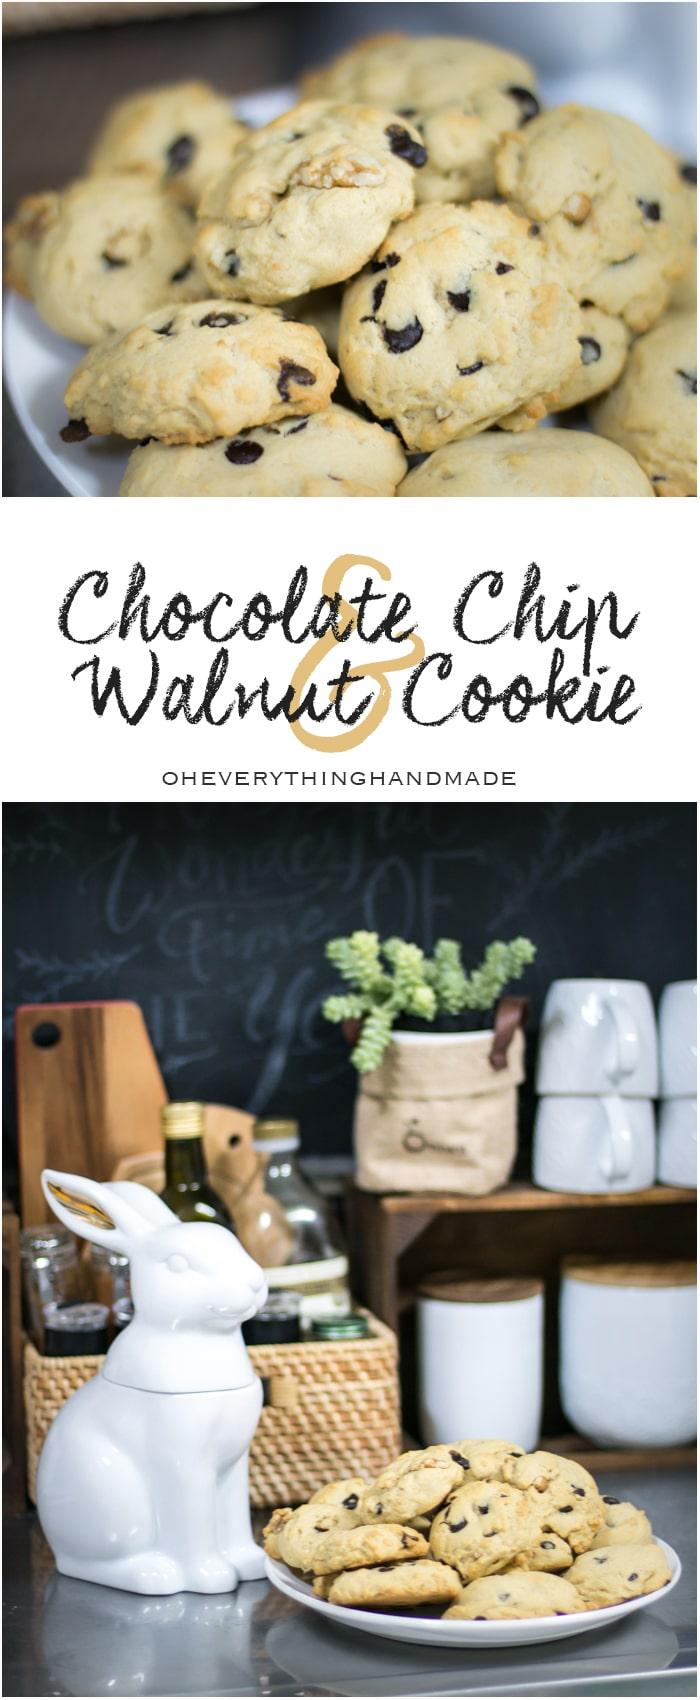 Chocolate Chip & Walnut Cookie - Pinterest